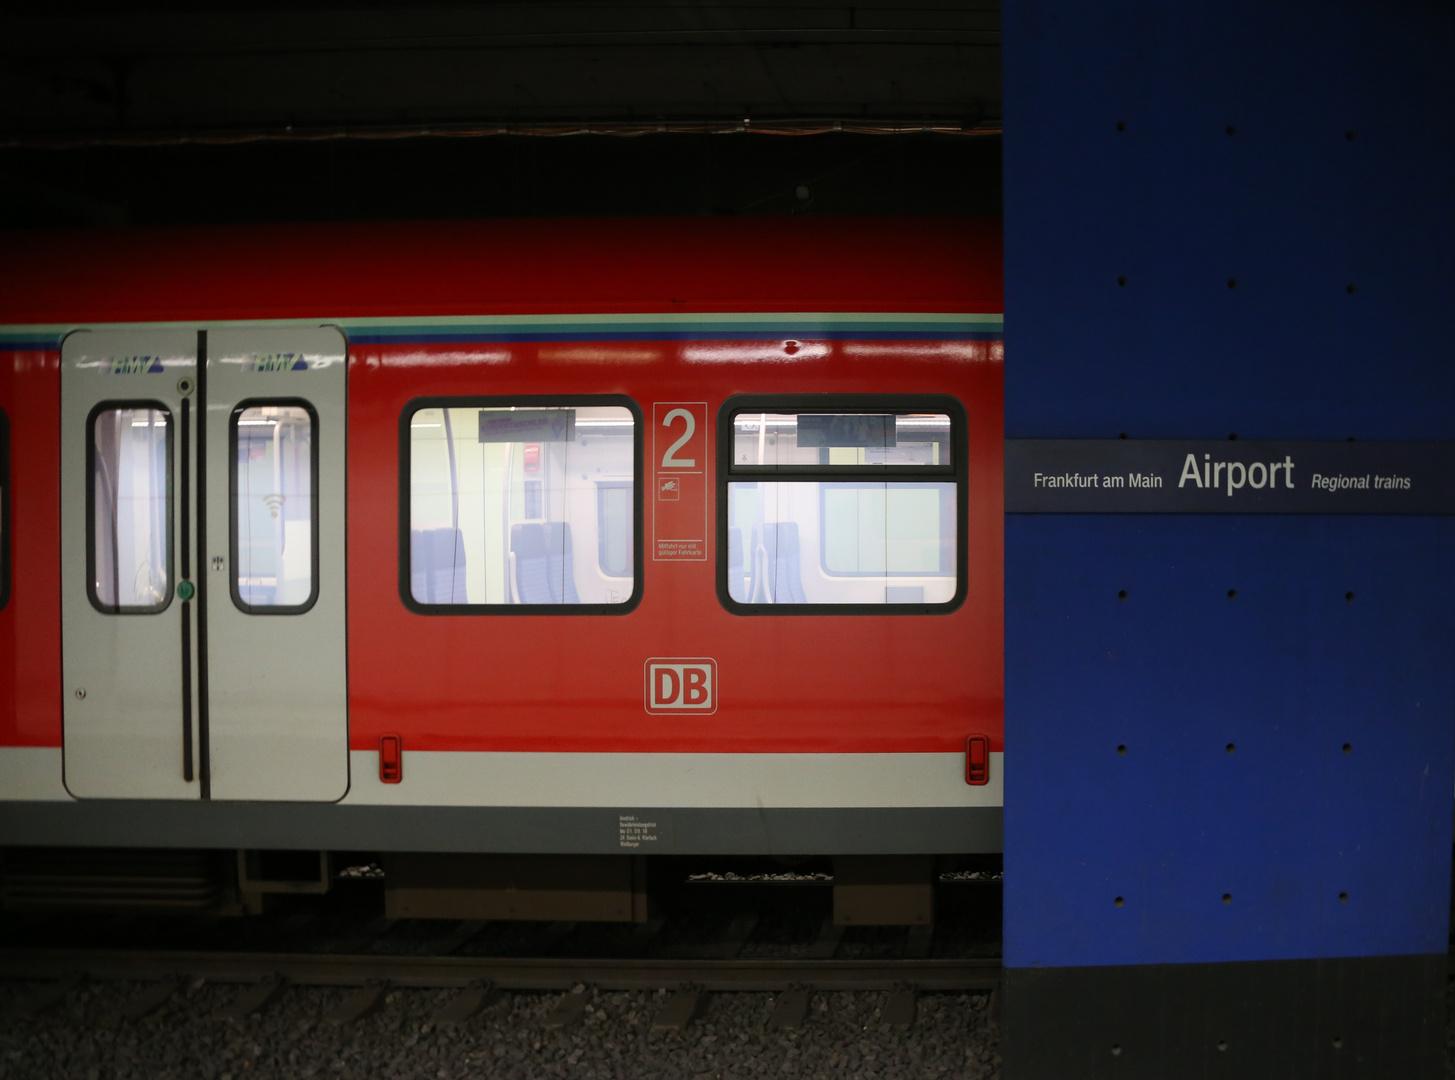 Flughafen Frankfurt Regionalbahnhof Corona Foto Bild Bilder World Dokumentation Bilder Auf Fotocommunity